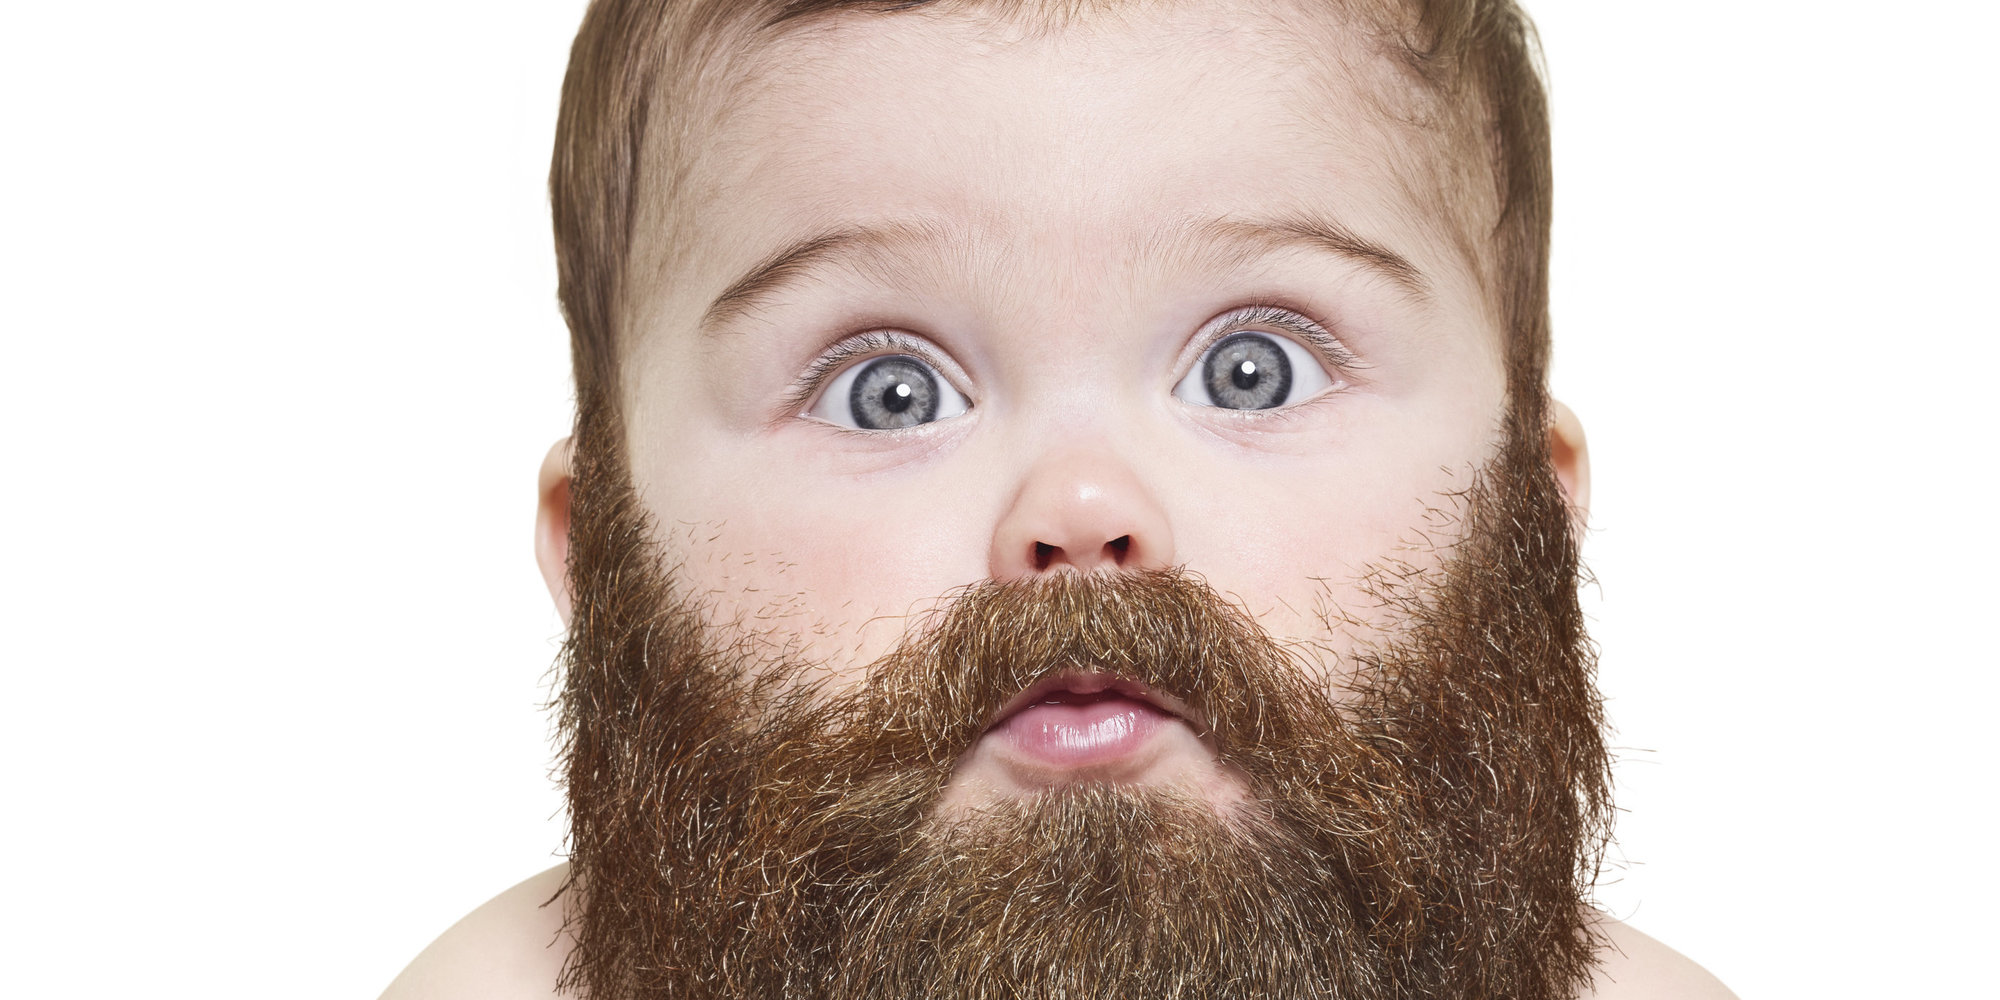 Христианское, бородатый мужик прикольные картинки